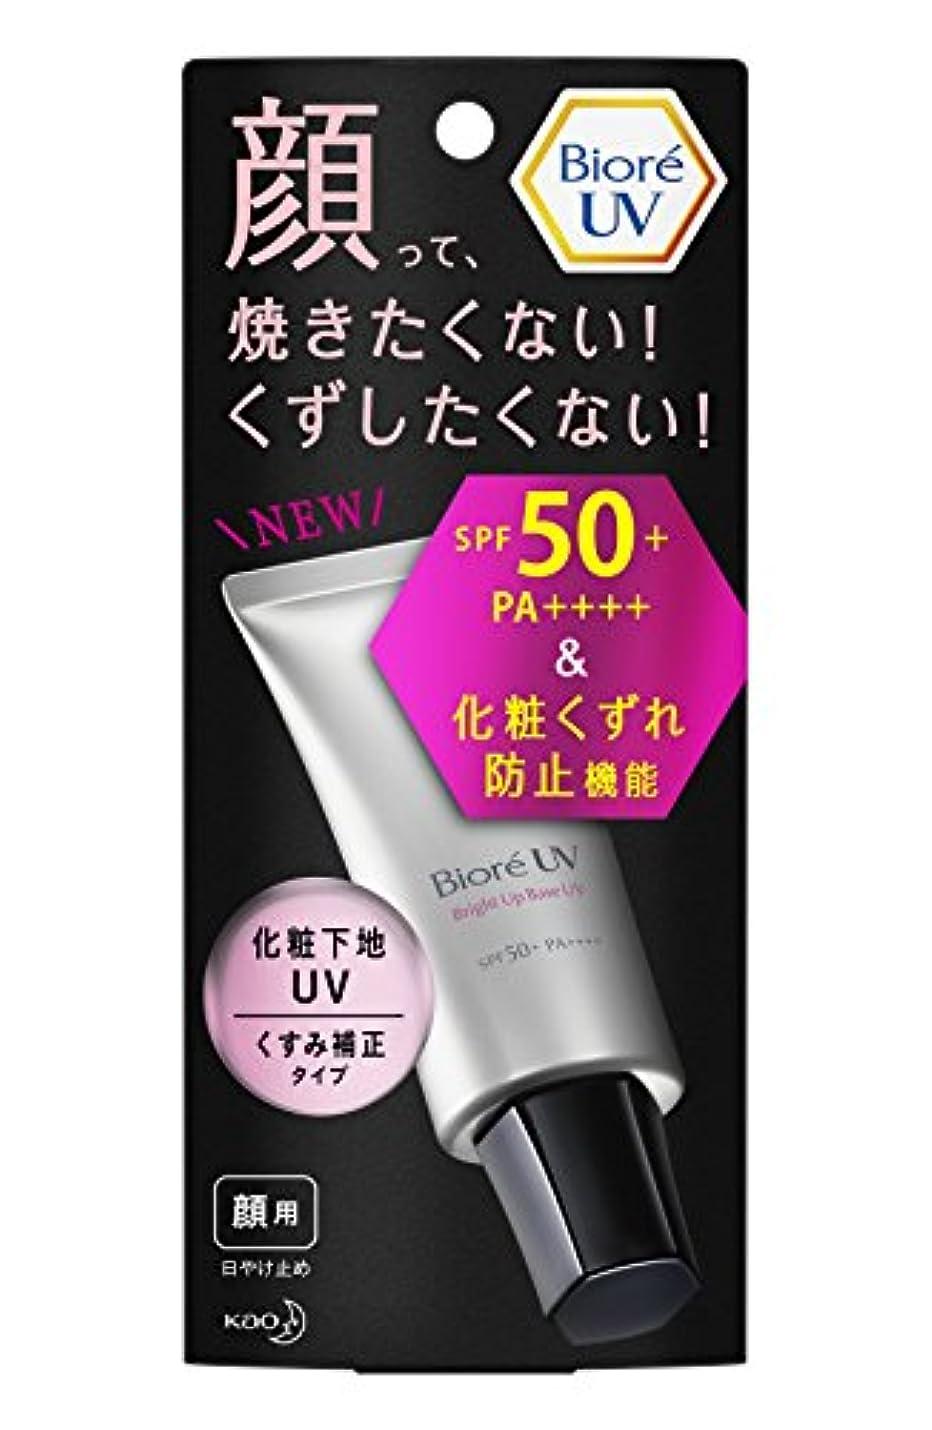 アプライアンスマーティンルーサーキングジュニア蒸留ビオレUV 化粧下地UV くすみ補正タイプ